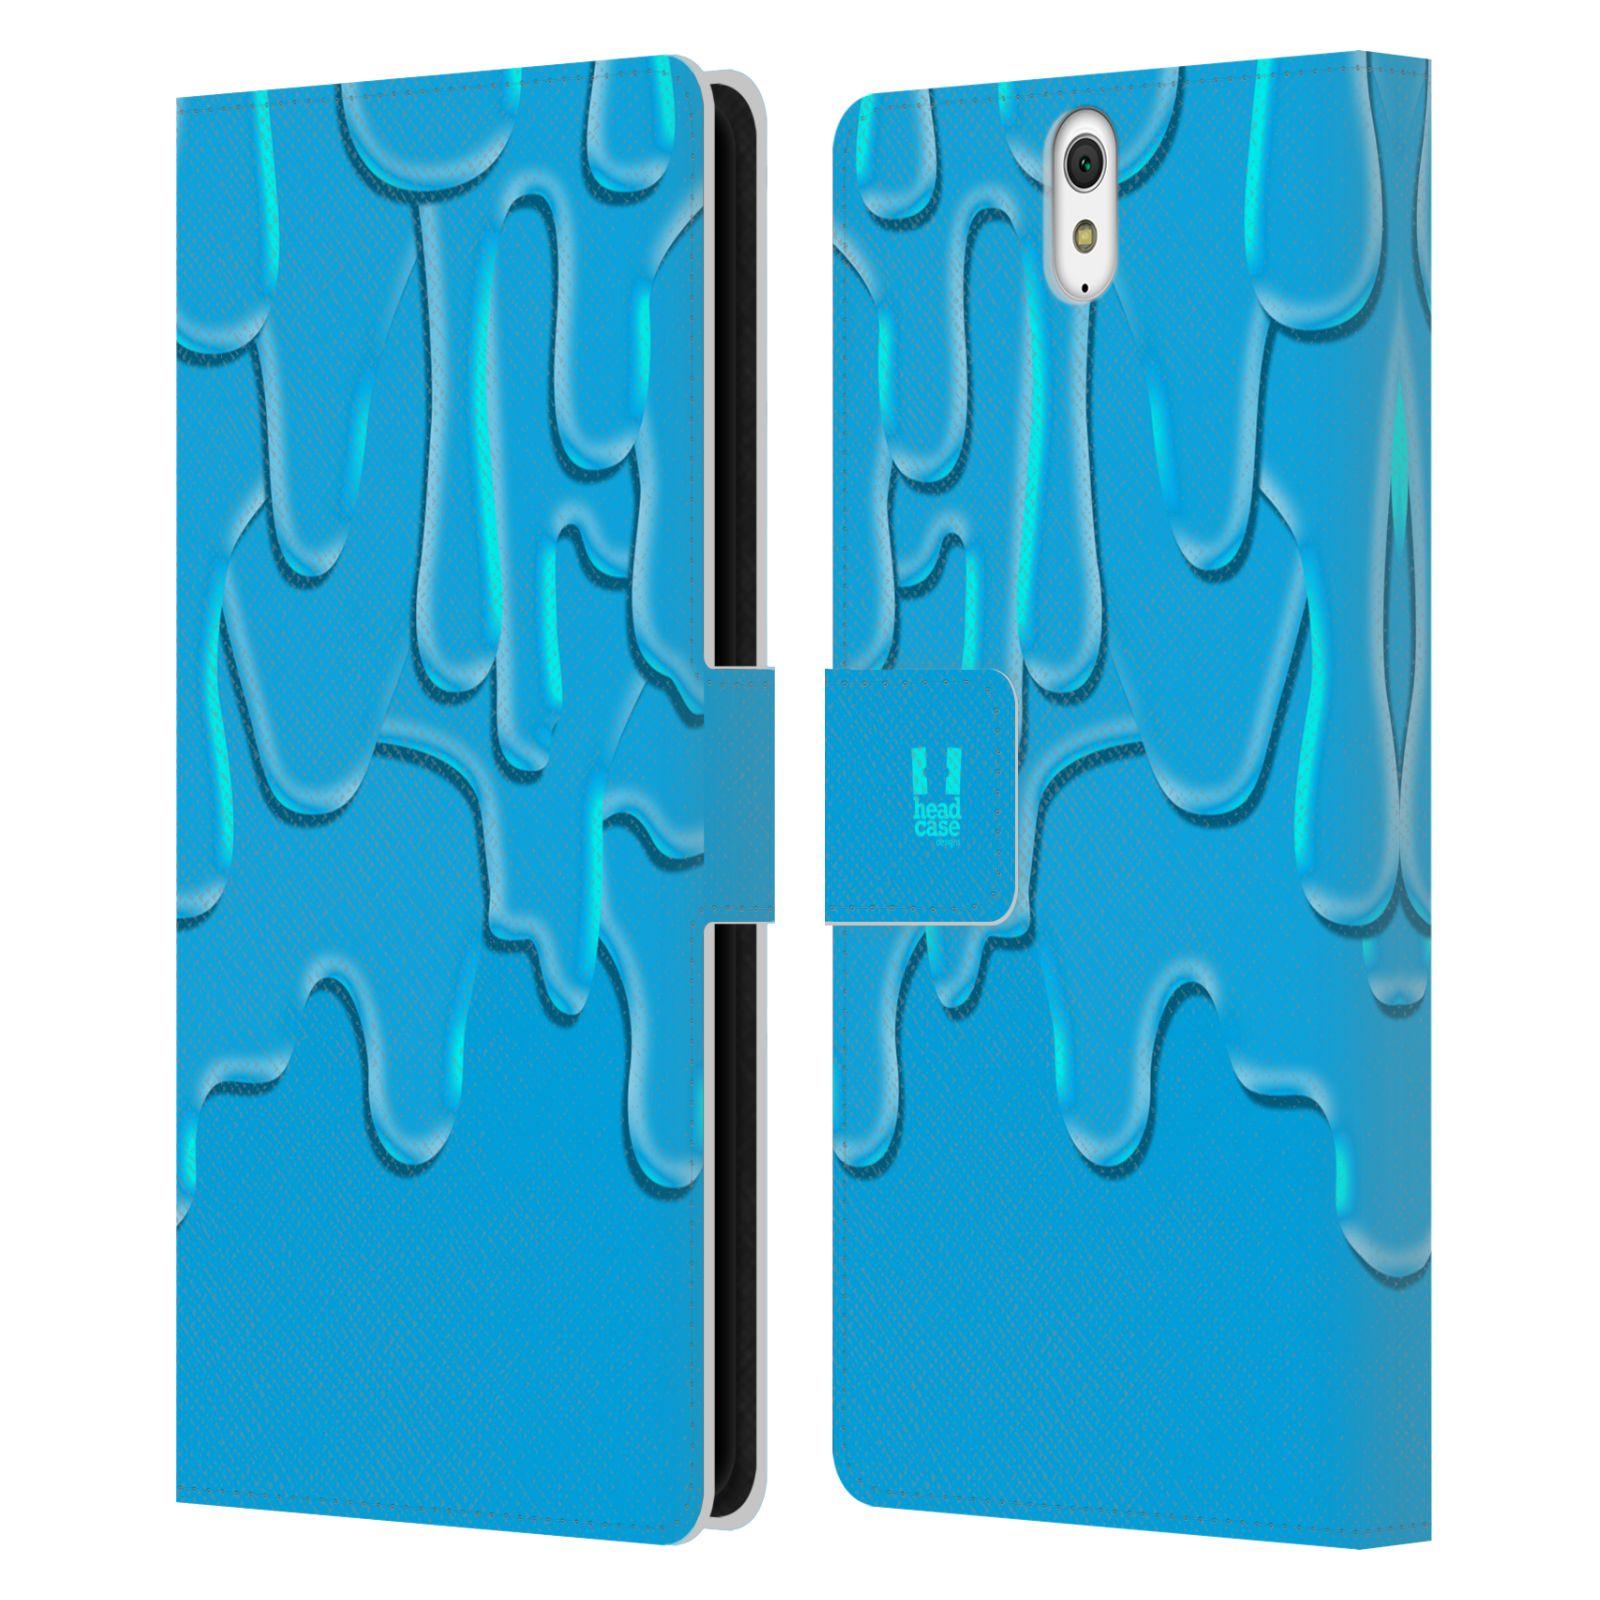 HEAD CASE Flipové pouzdro pro mobil SONY XPERIA C5 Ultra ZÁPLAVA BARVA tyrkysová modrá